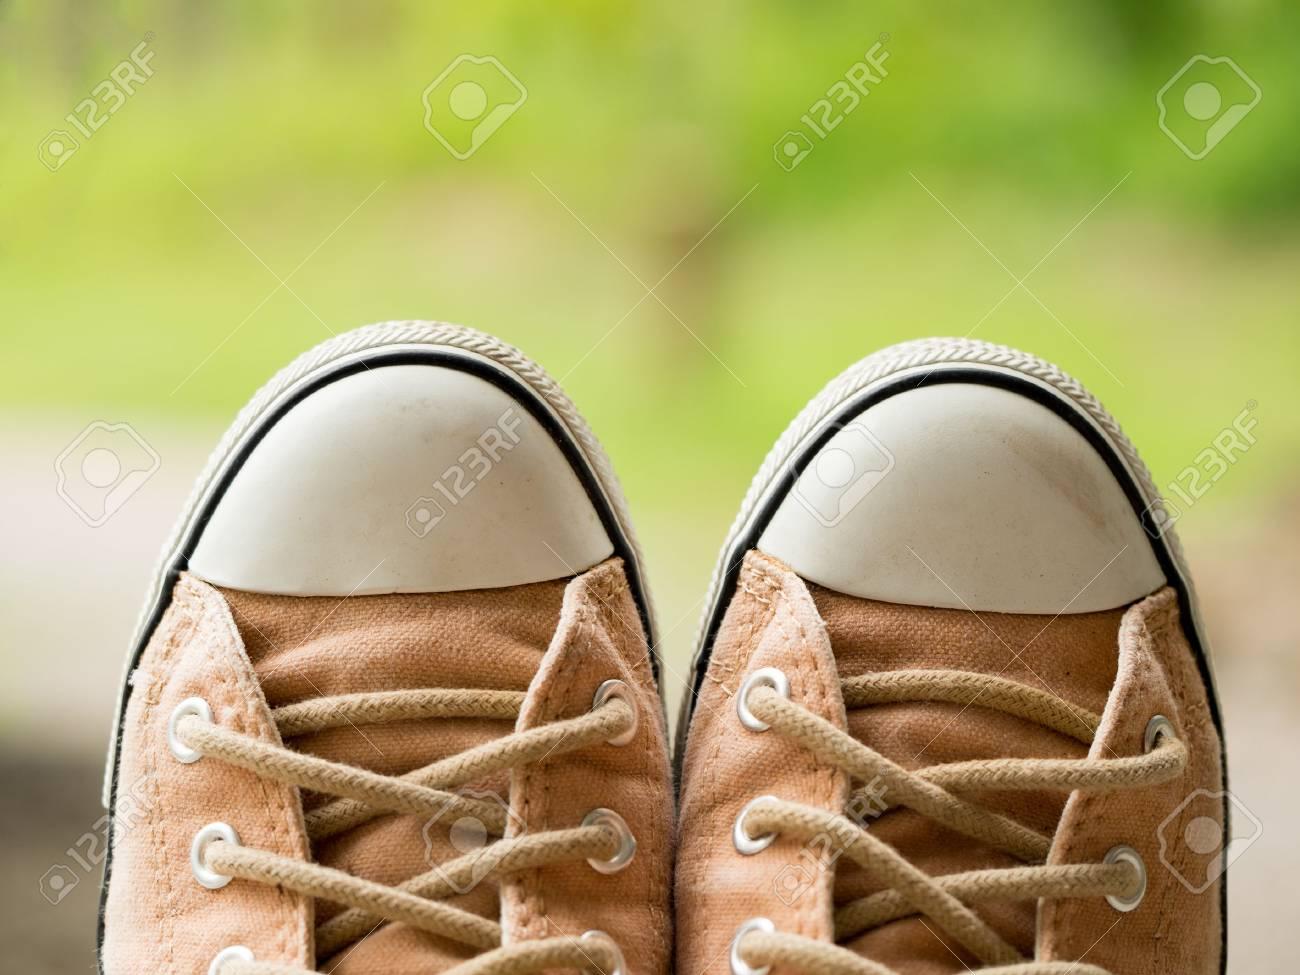 Zapatilla Zapatos Deporte Naturaleza Suaves Mujer La En Vendimia Marrón Plano Color El Fondo Desenfoque Verde De Primer Cwg4qt